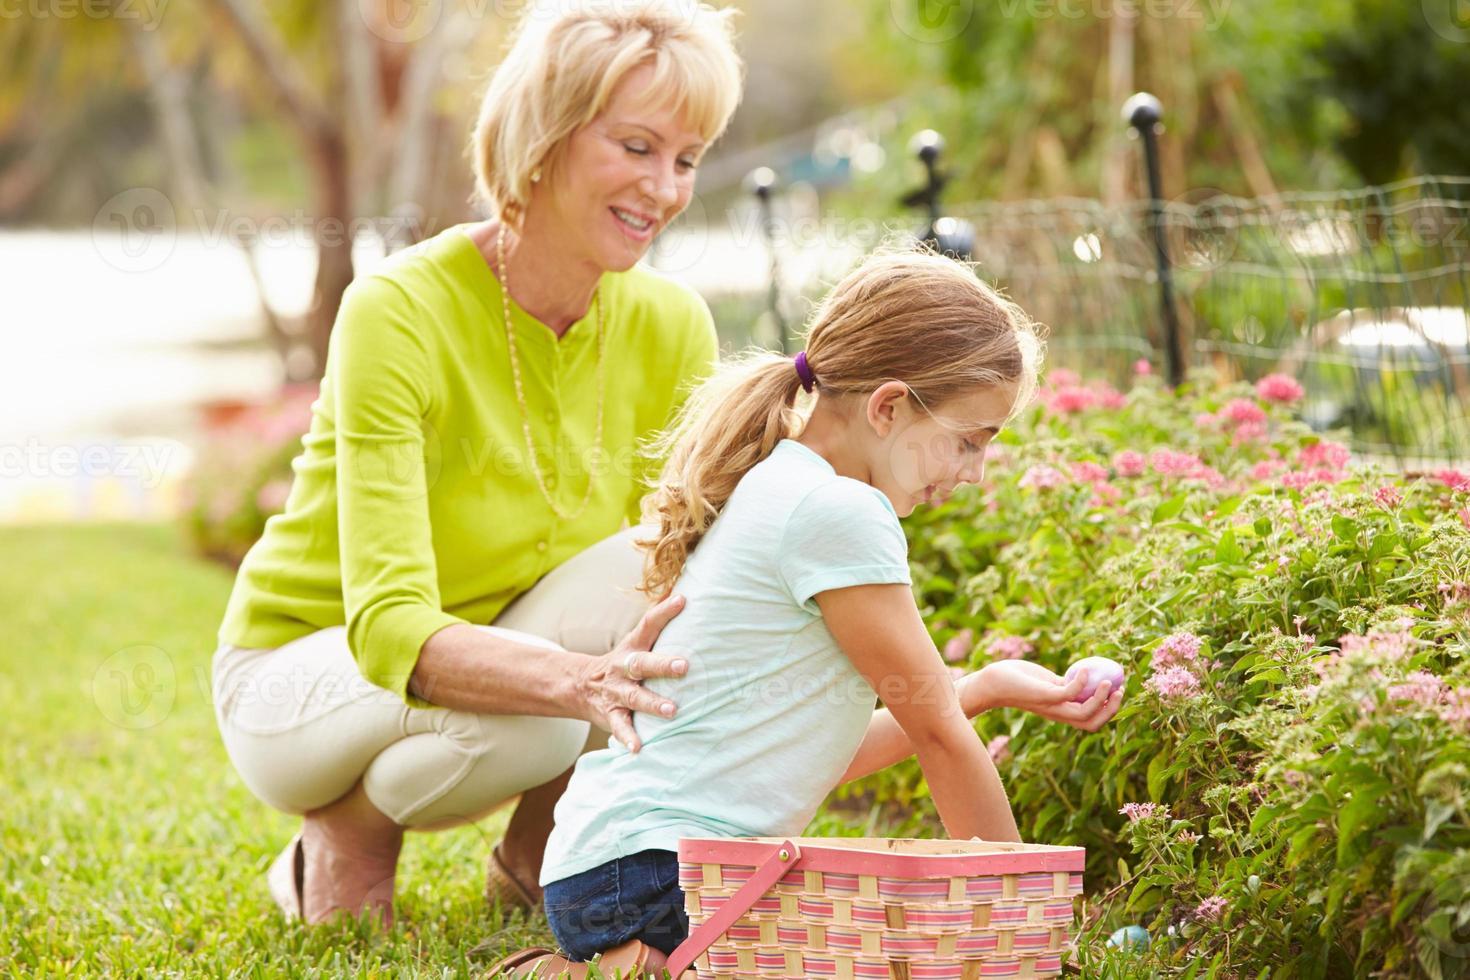 grootmoeder met kleindochter op paaseieren zoeken in de tuin foto